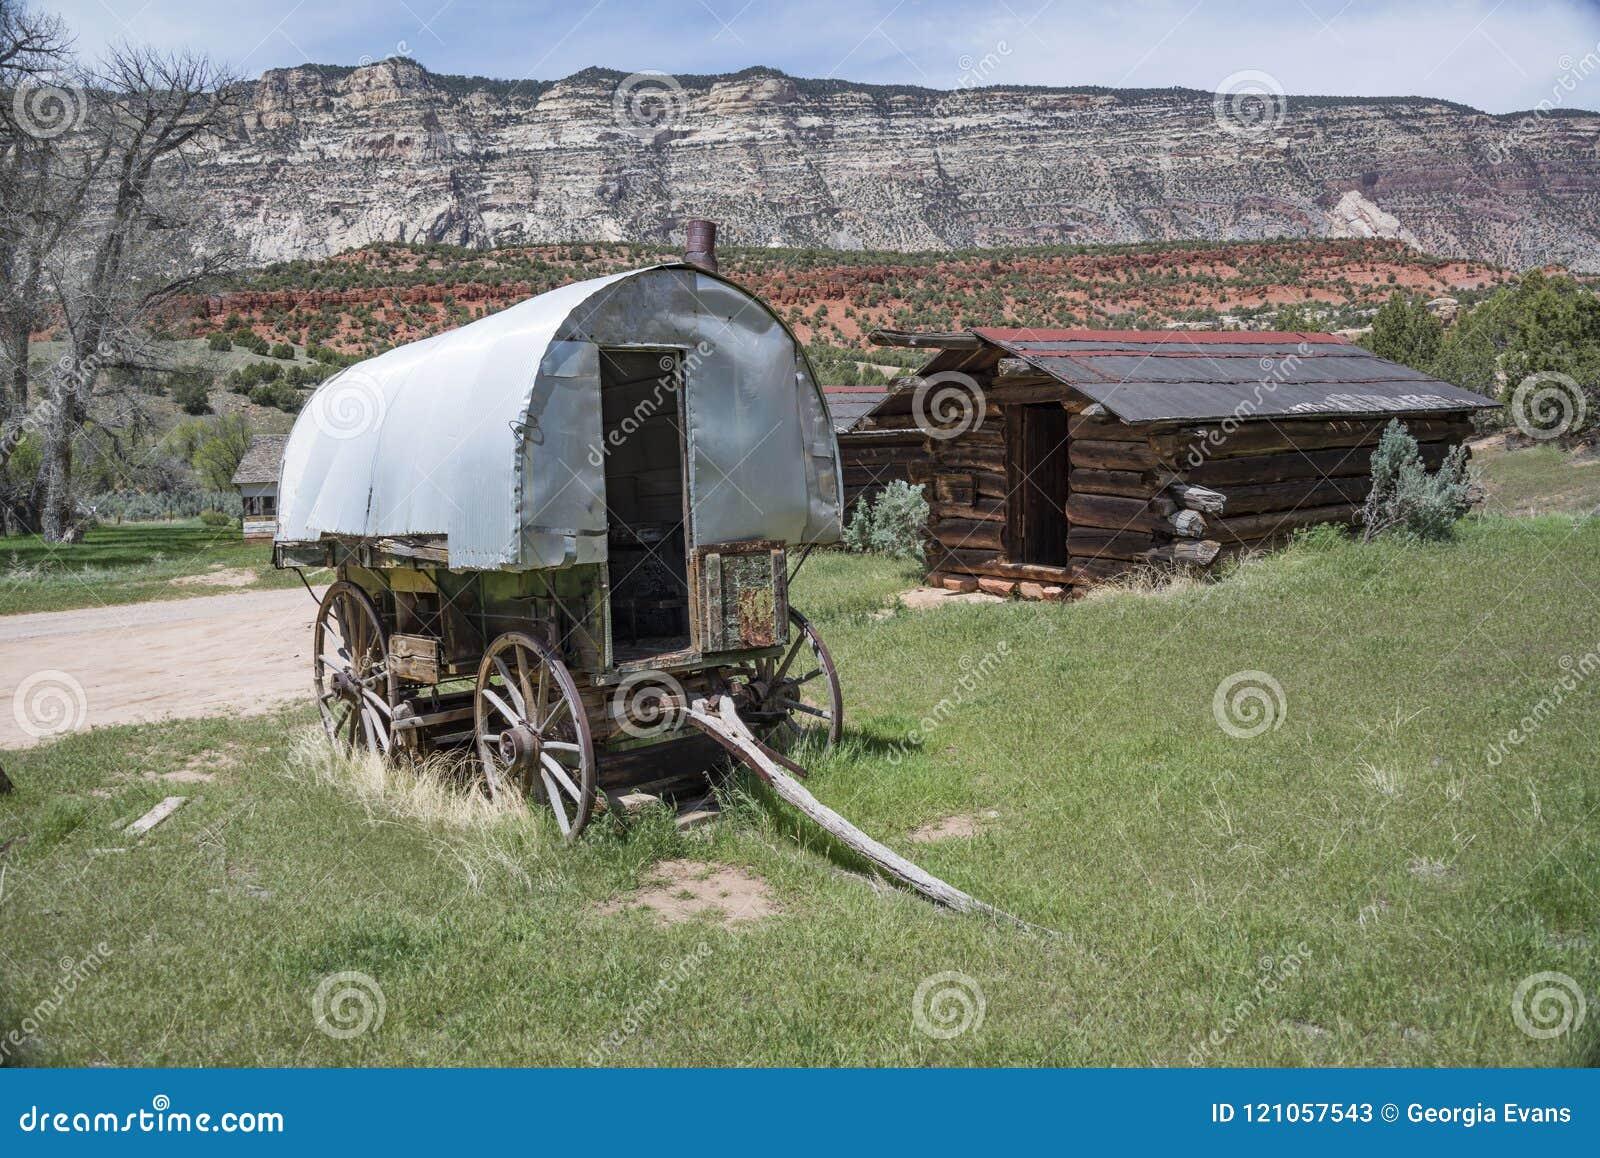 Ιστορικές βαγόνι εμπορευμάτων herders προβάτων και καμπίνα κούτσουρων στο εθνικό μνημείο δεινοσαύρων, Κολοράντο, ΗΠΑ